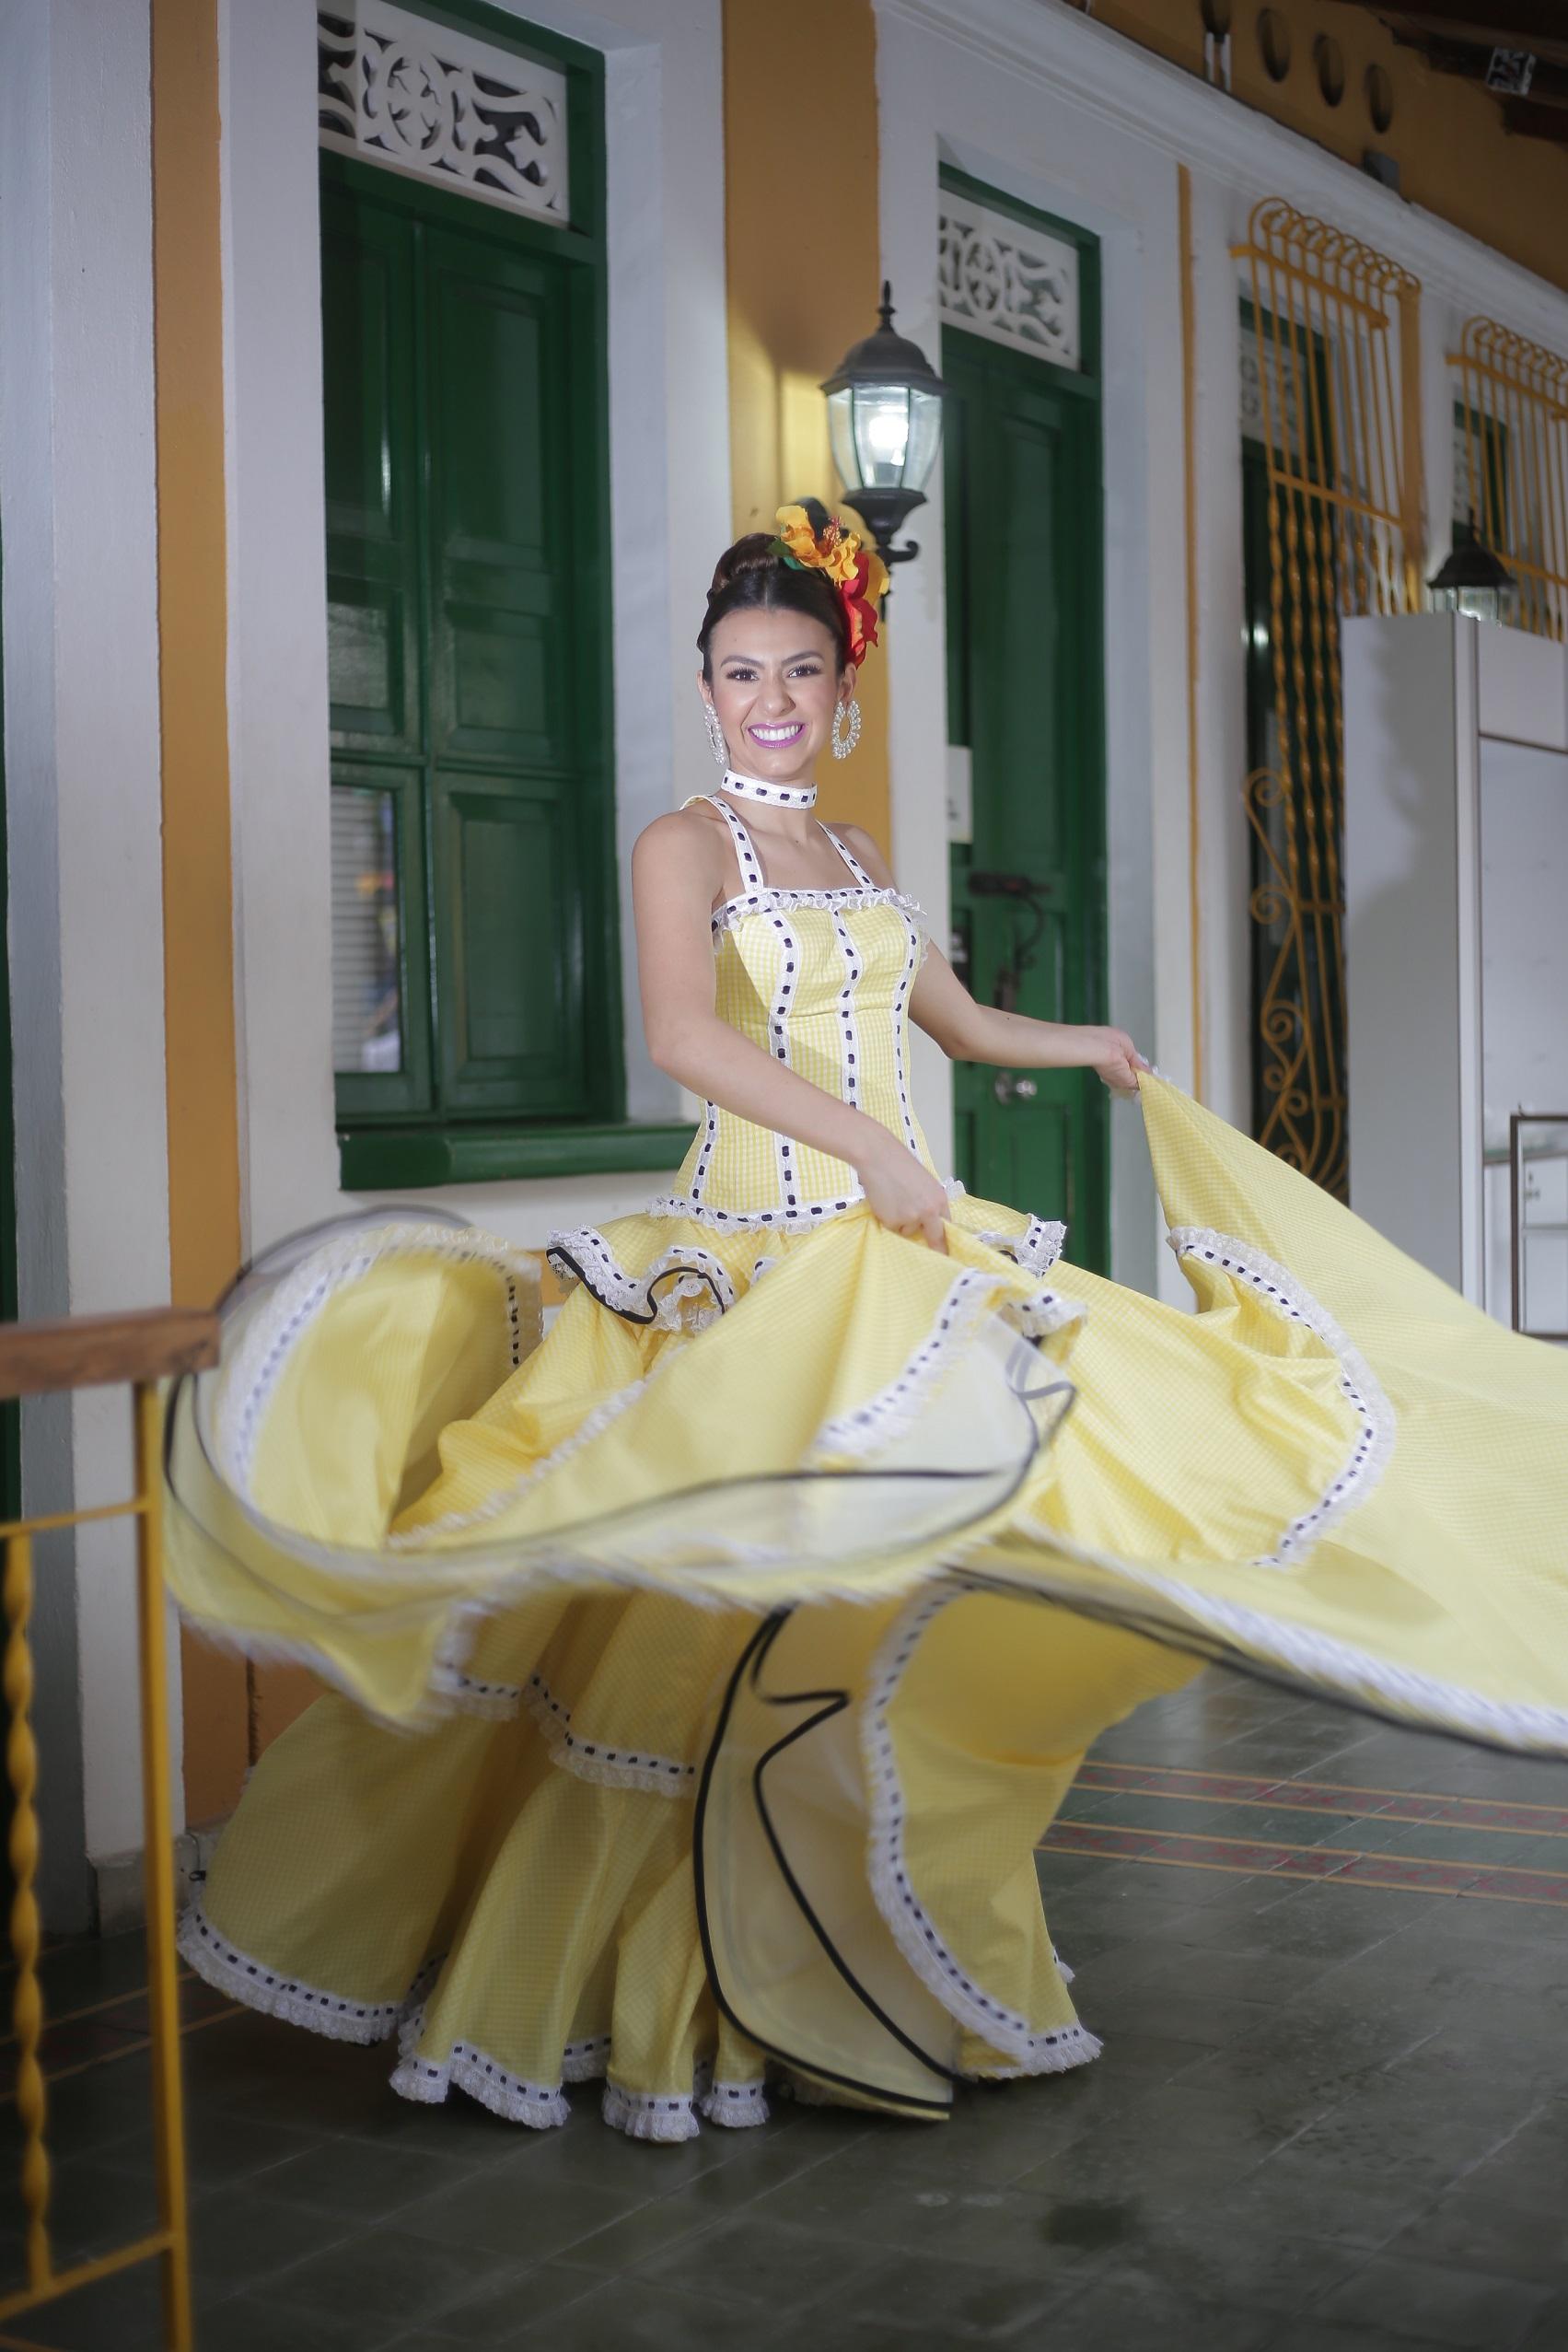 La Reina Carolina Segebre, invitada especial al Desfile de la Hispanidad en Nueva York